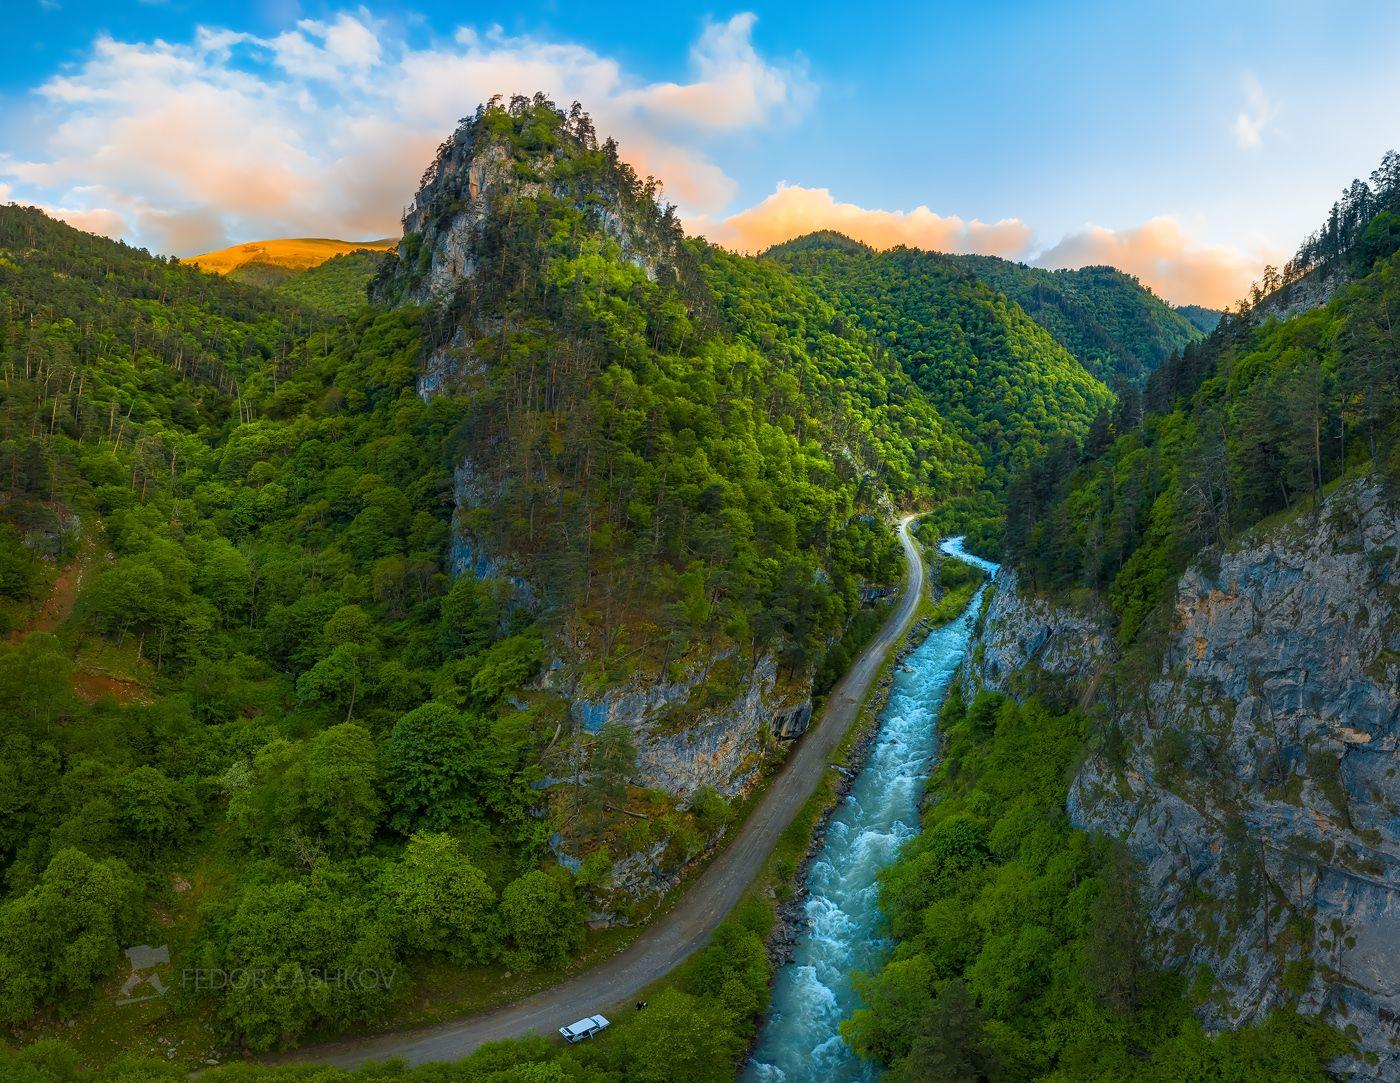 Новый мир Горы гора в горах облака Северный Кавказ вершины скалы река горная скалистое ущелье дорога путешествие туризм исследование закат машина лес лесное